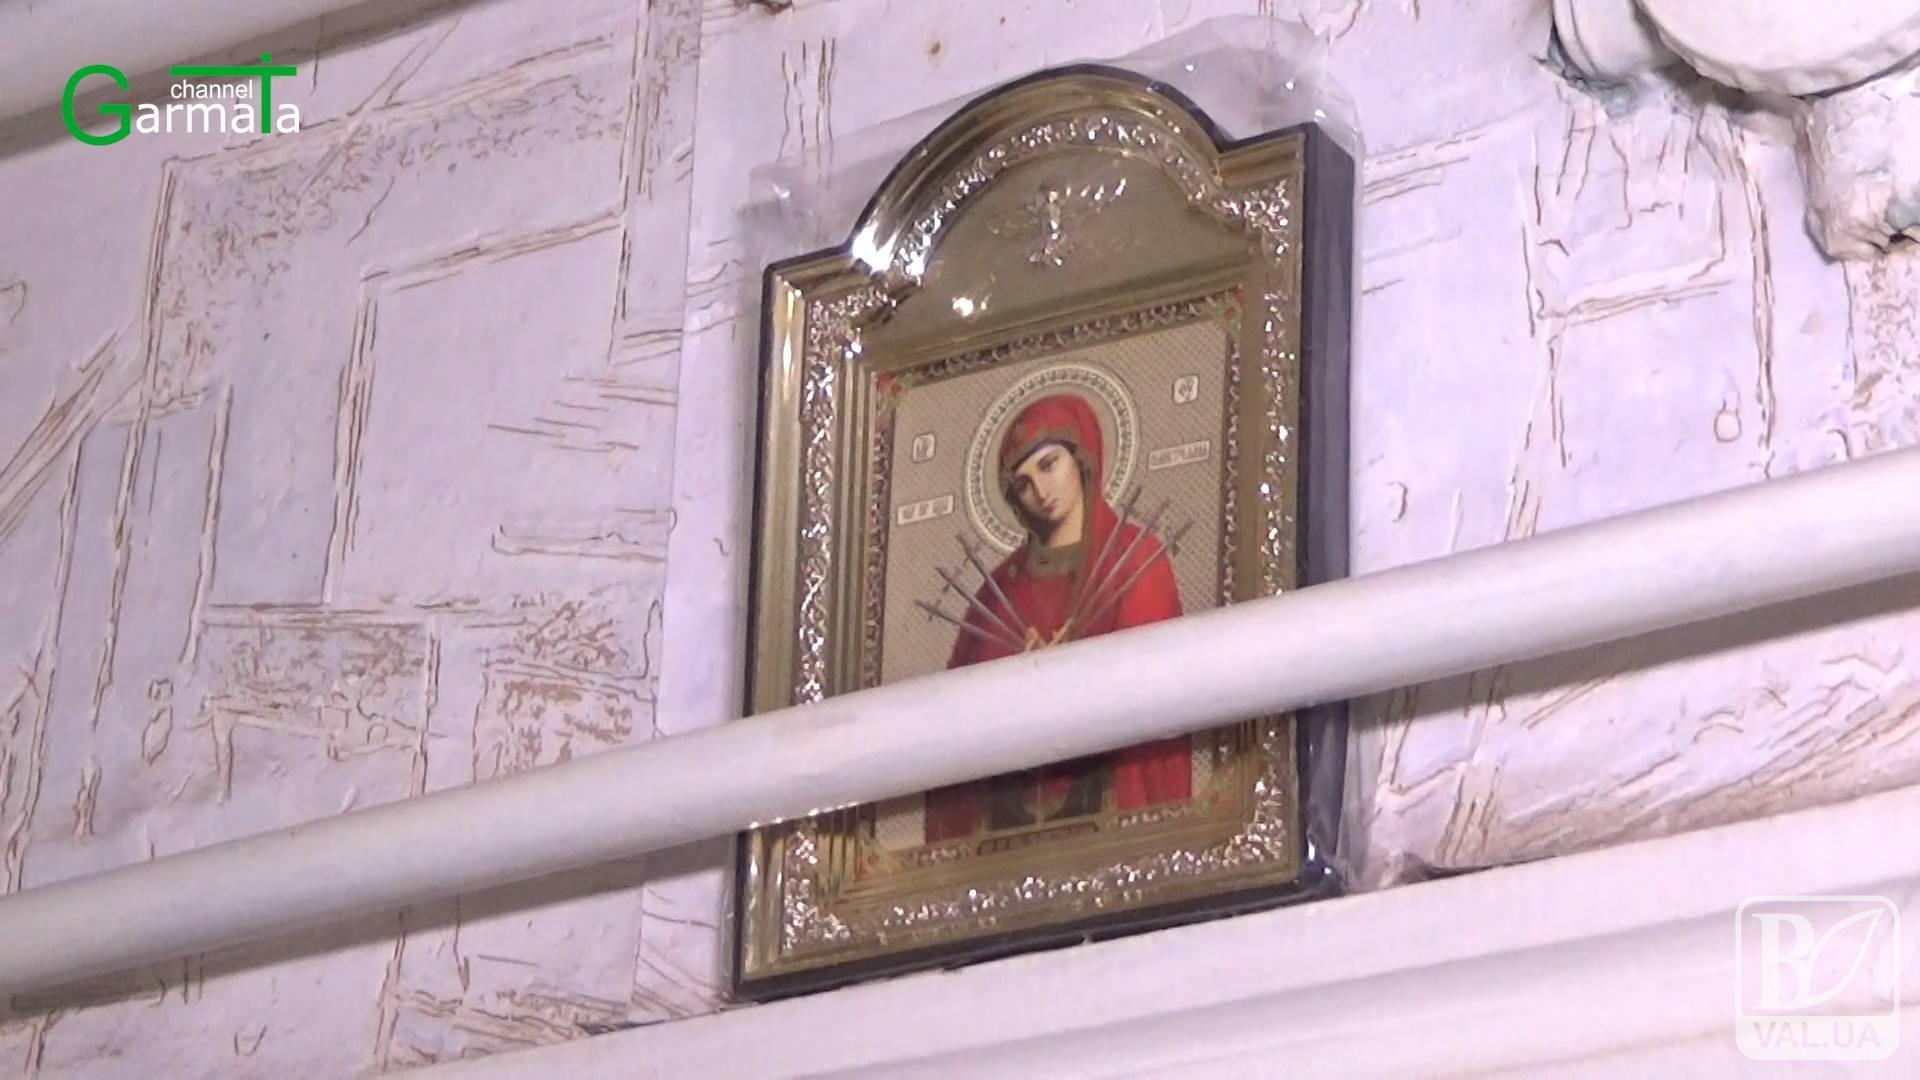 Зухвале пограбування: на Чернігівщині злодії вдерлися в хату священника. ВІДЕО